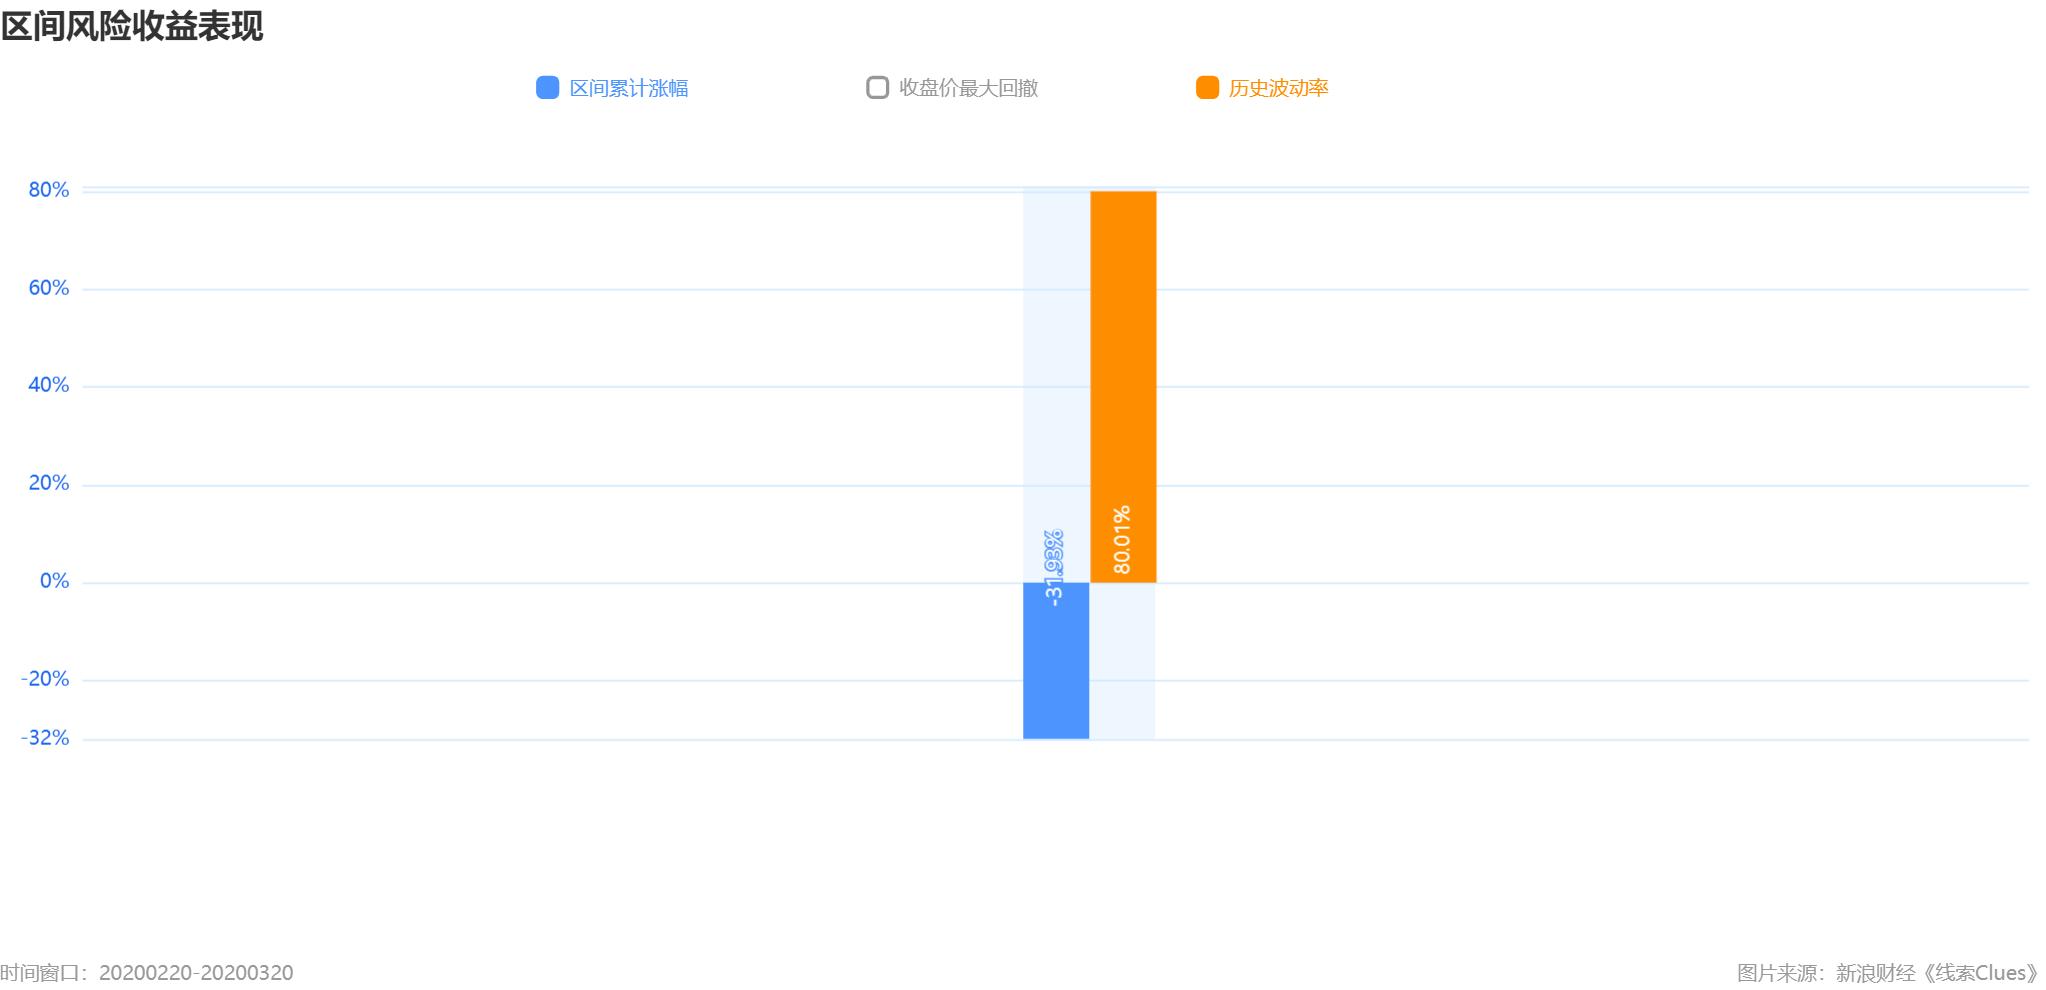 标普500指数2月20日-3月20日期间的累计跌幅及年化震撼率 (图片来源:新浪财经《线索Clues》)